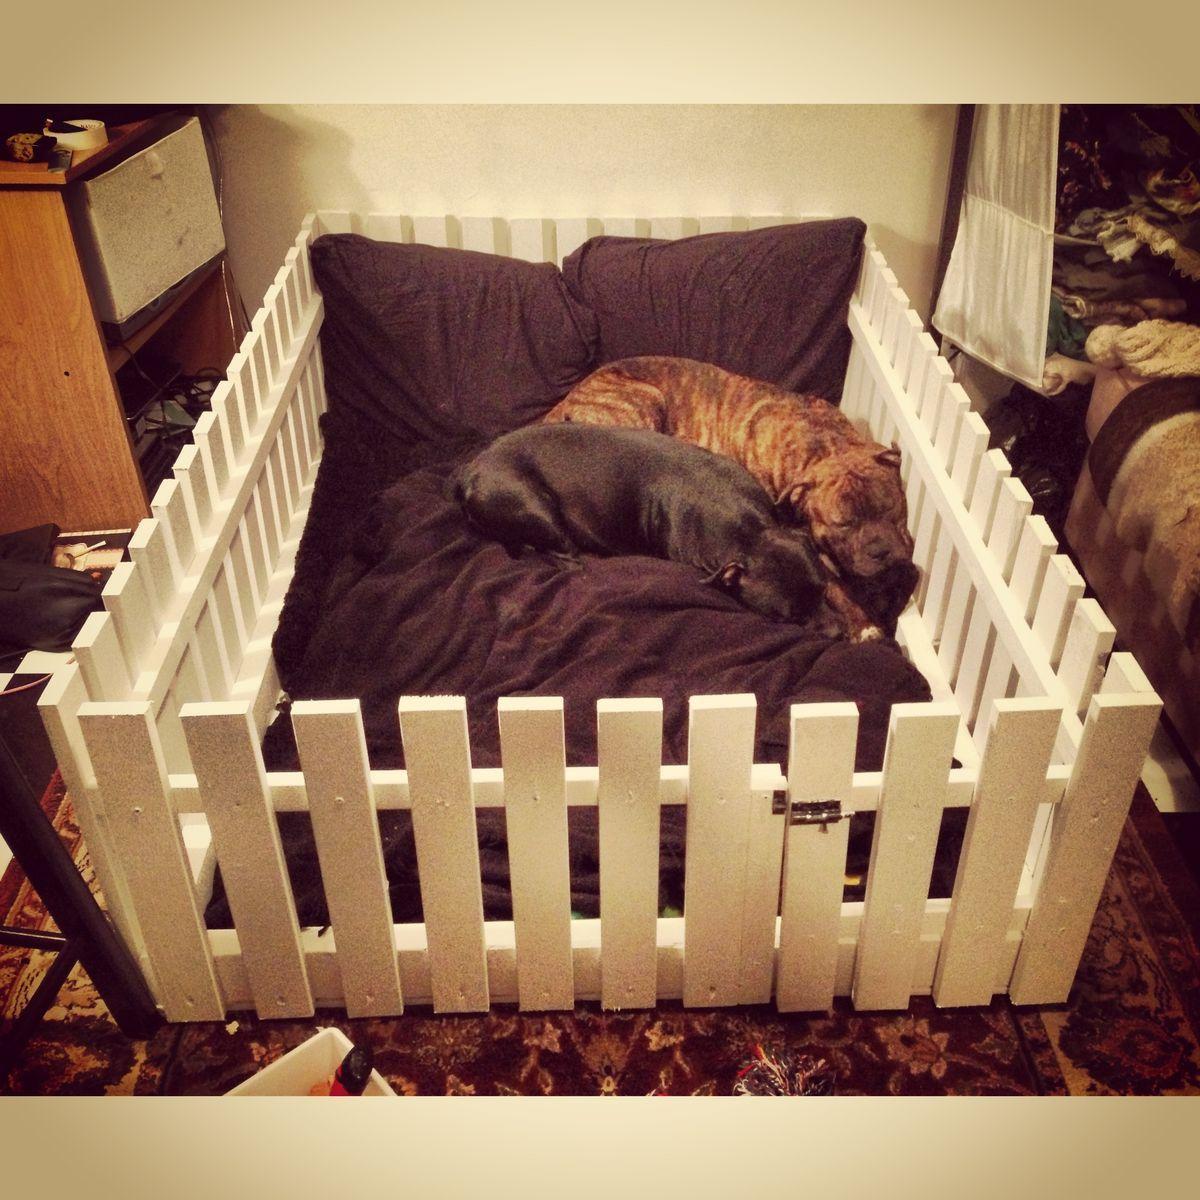 Pinterest easyk9care Cute dog beds, Indoor dog kennel